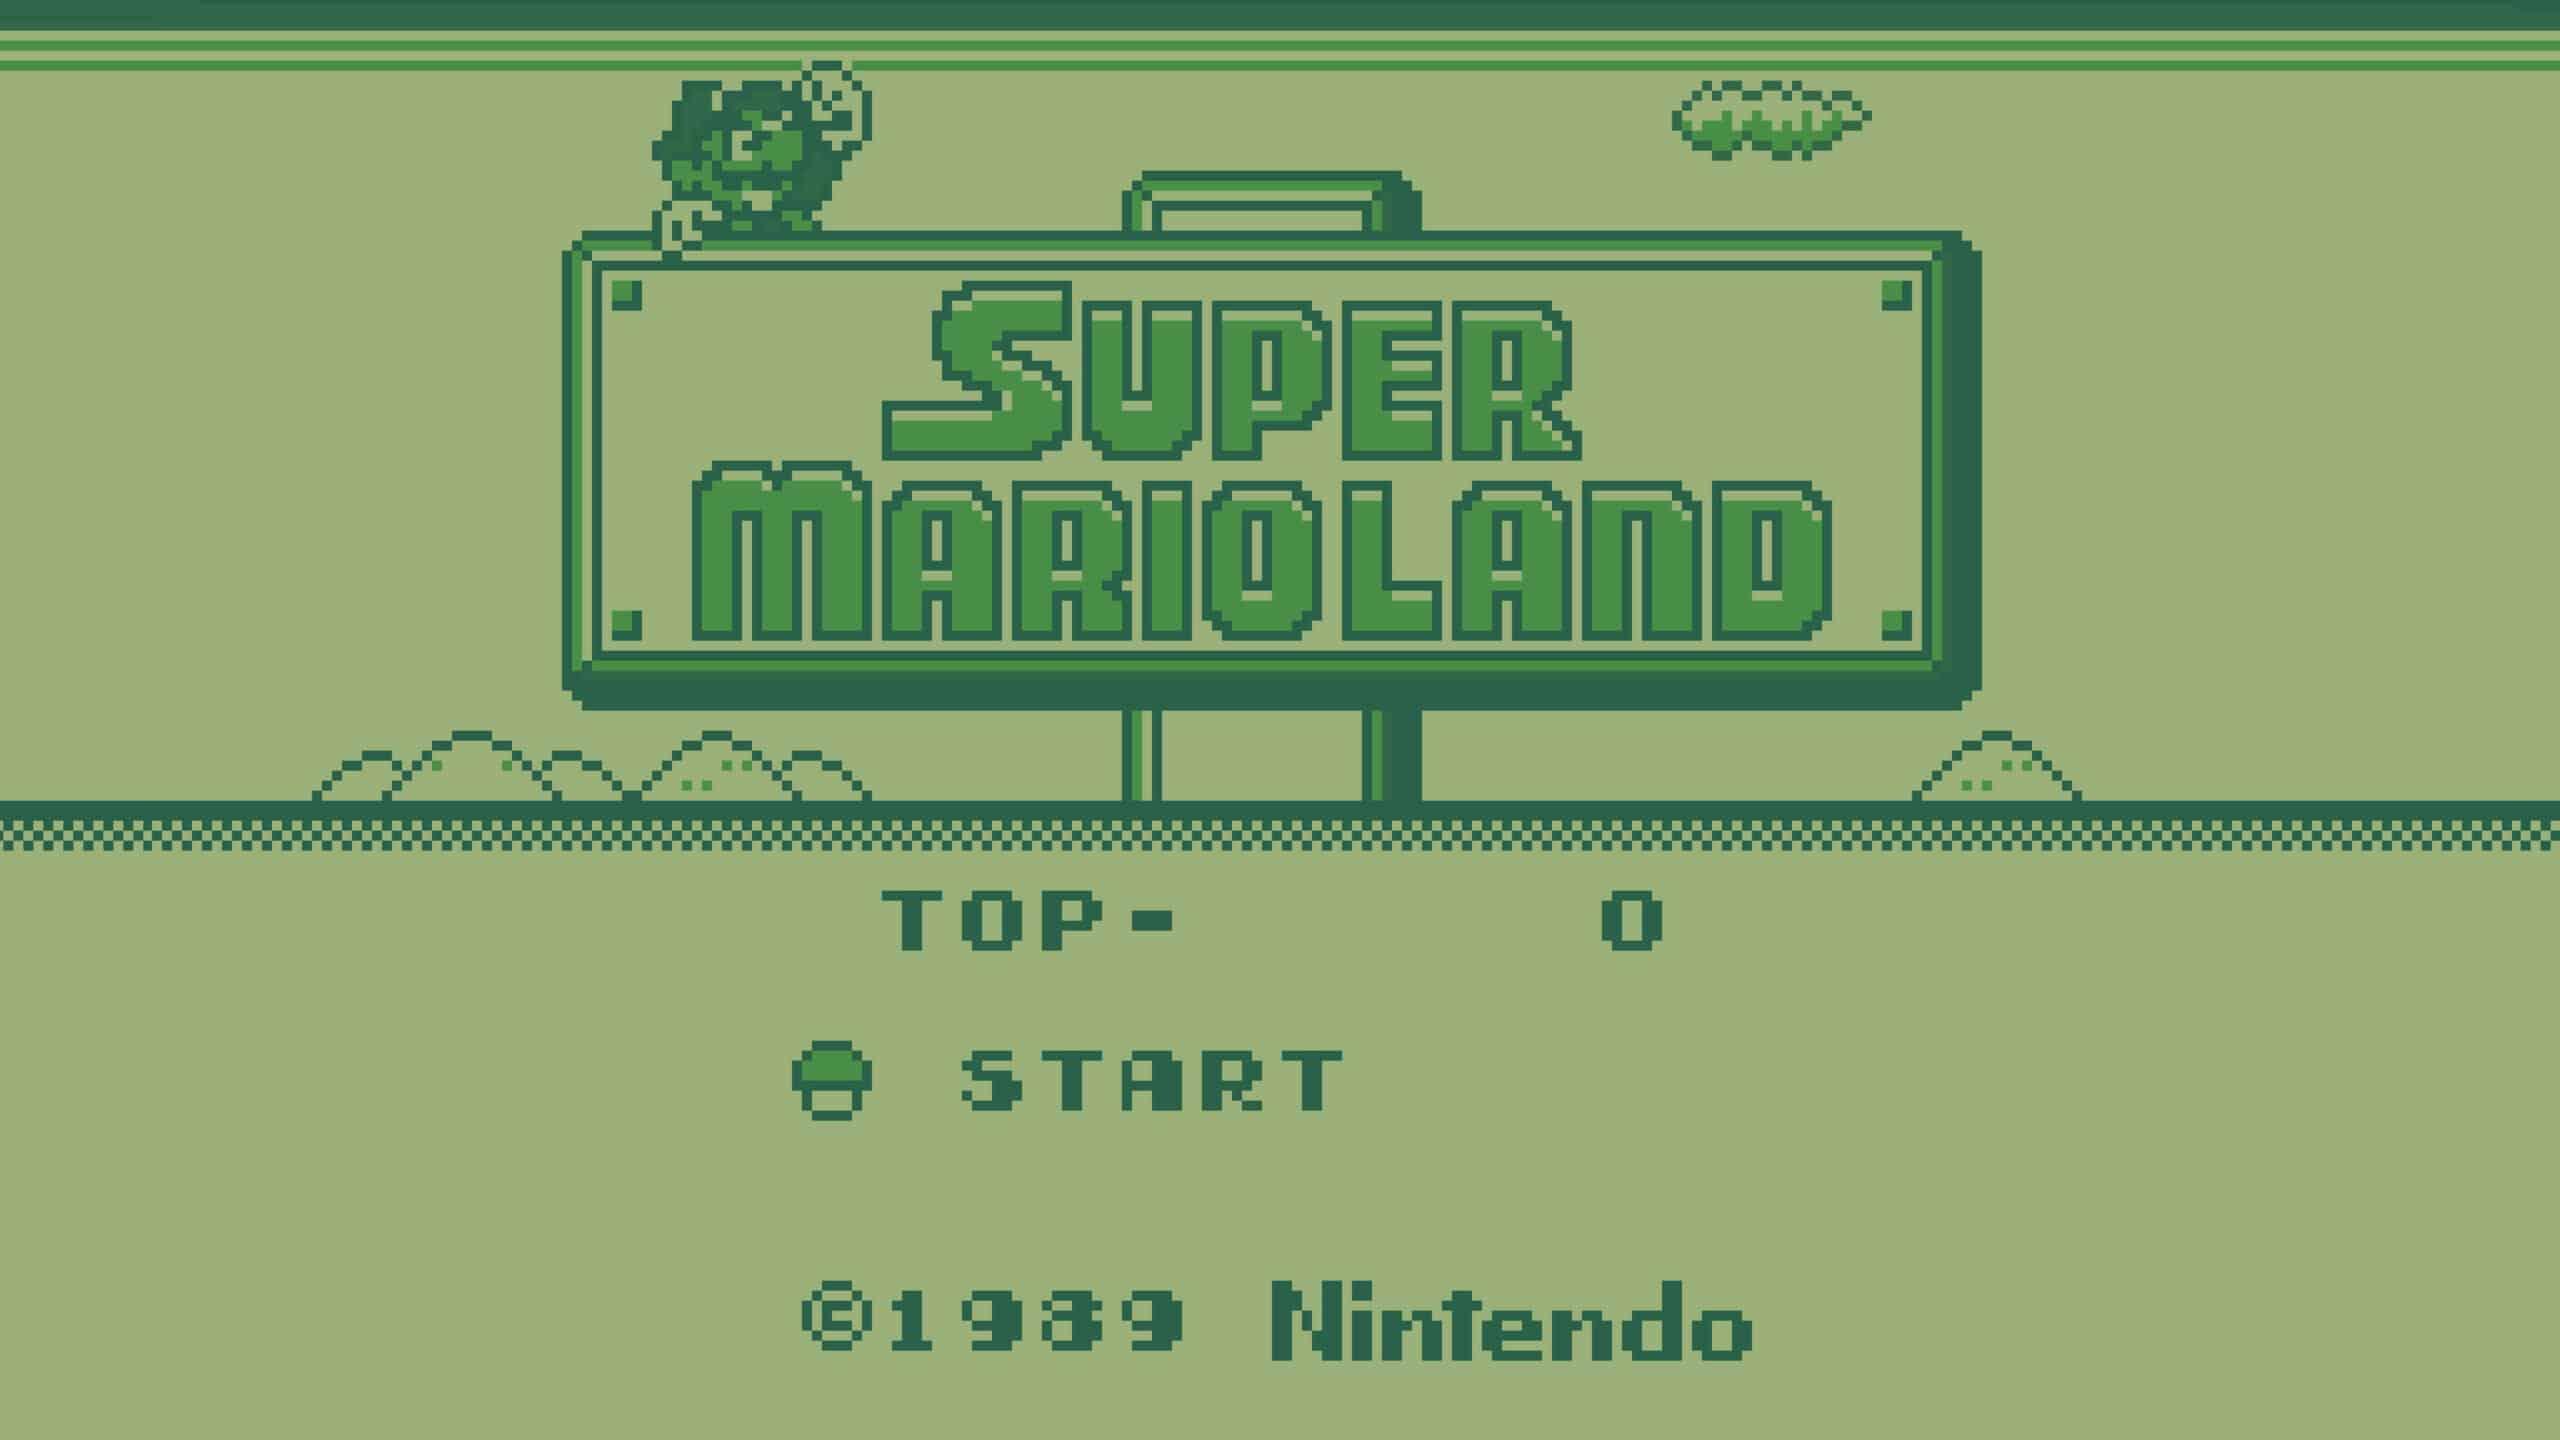 Super-Mario-Land-Game-Boy-Screenshot-UHD-4K-Wallpaper-Pixelz.jpg